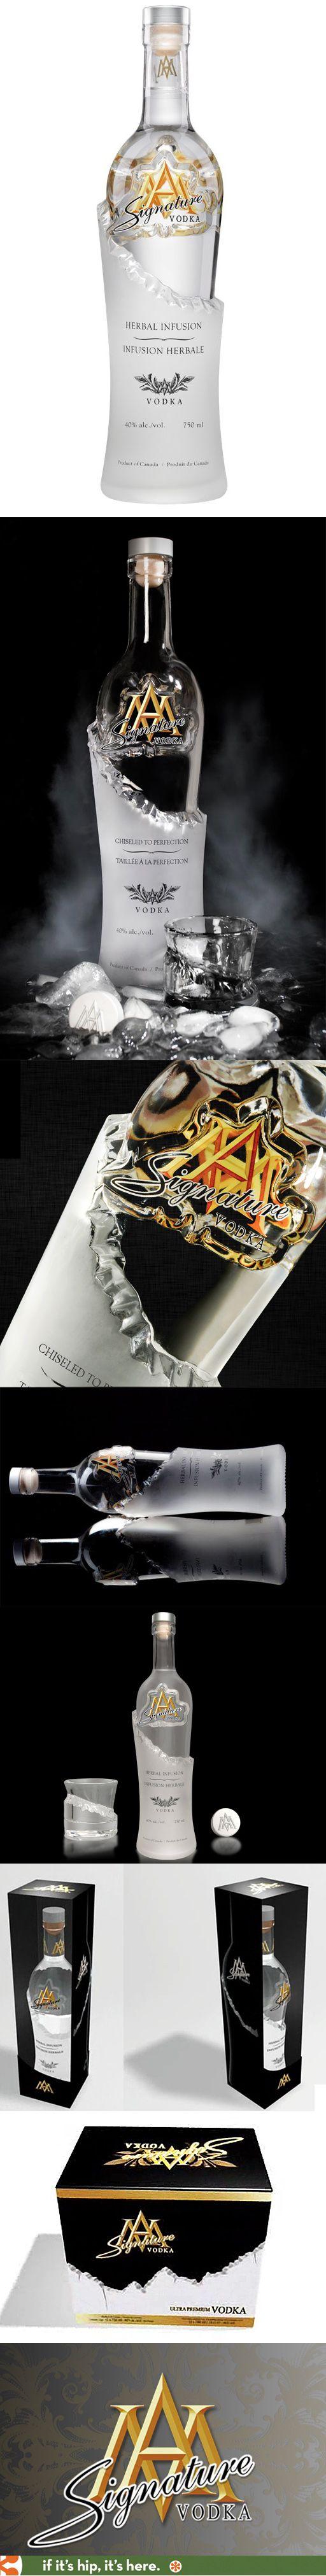 Un #packaging davvero originale per questa #bottiglia di #vodka :-) #Glassislife #vetro #design